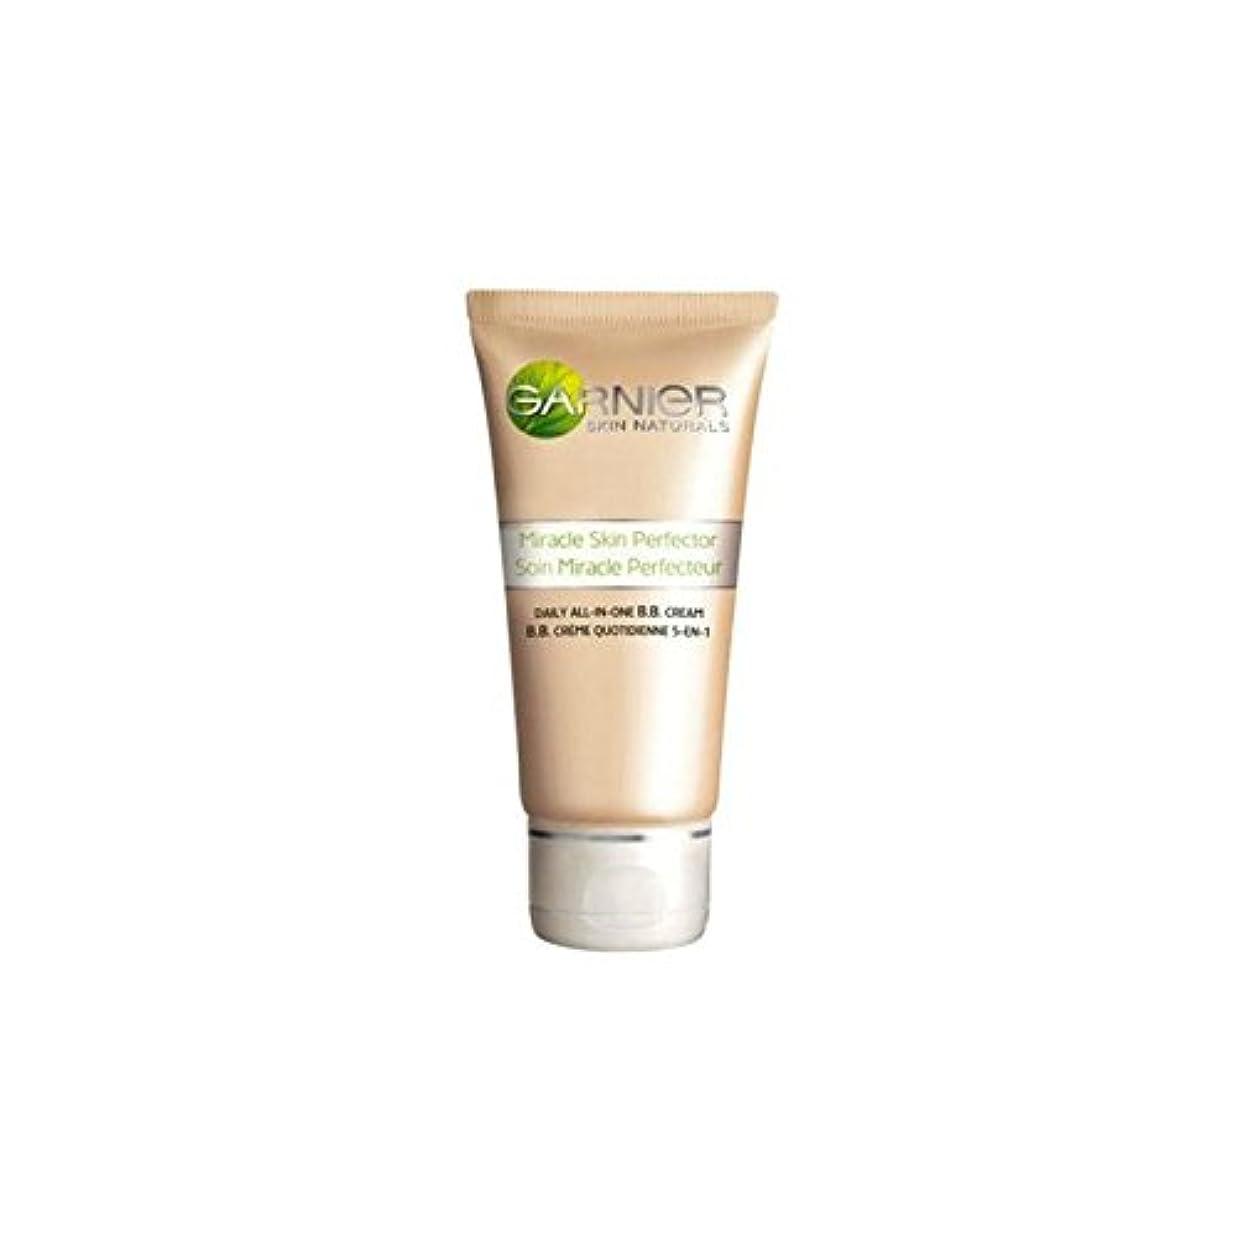 空洞回路アーチガルニエオリジナル媒体クリーム(50)中 x4 - Garnier Original Medium Bb Cream (50ml) (Pack of 4) [並行輸入品]